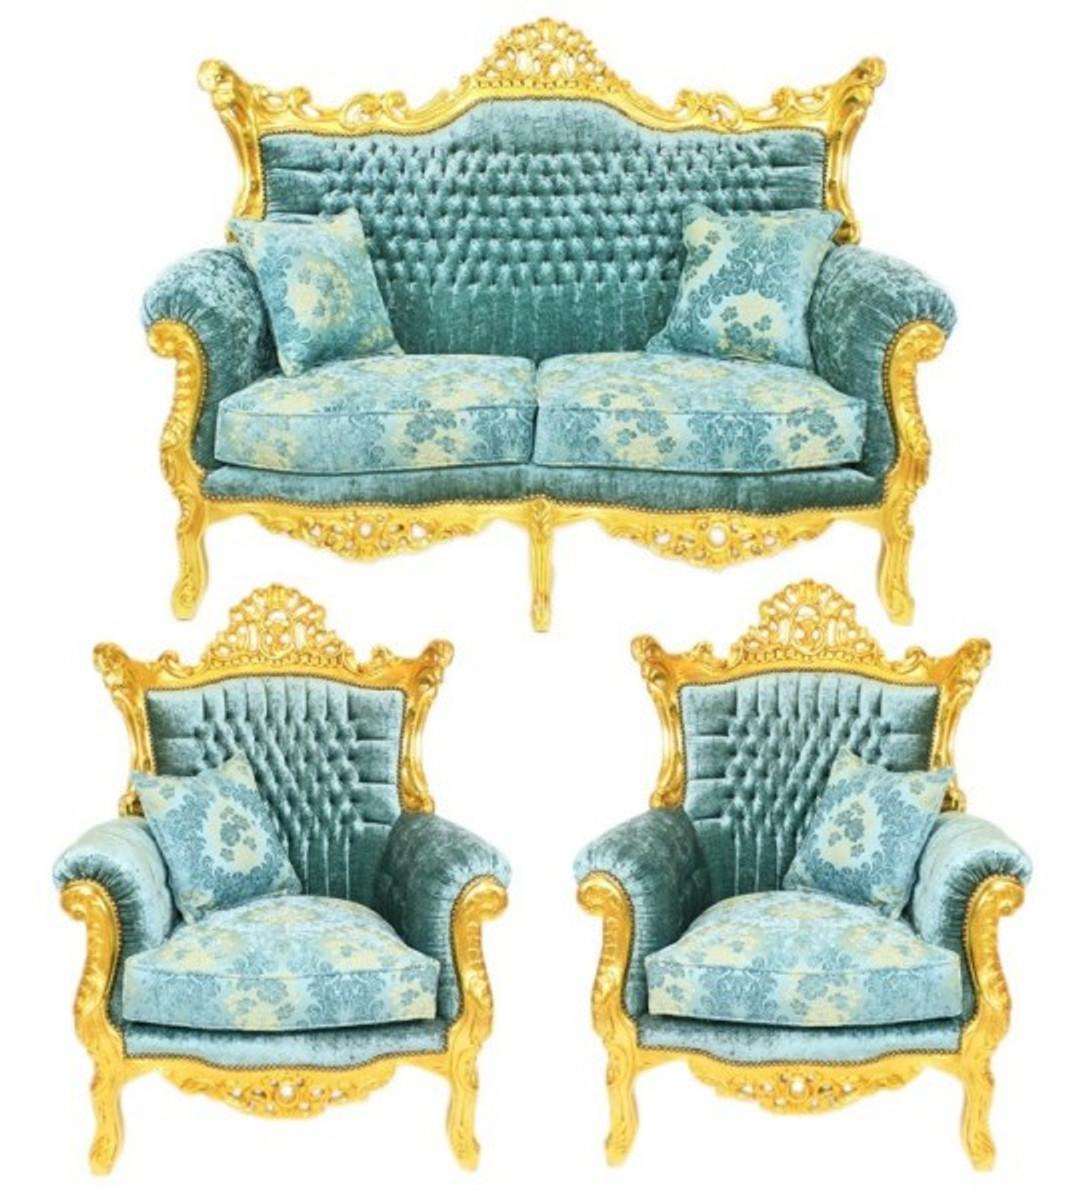 casa padrino barock wohnzimmer set master türkis-blau muster ... - Wohnzimmer Blau Gold